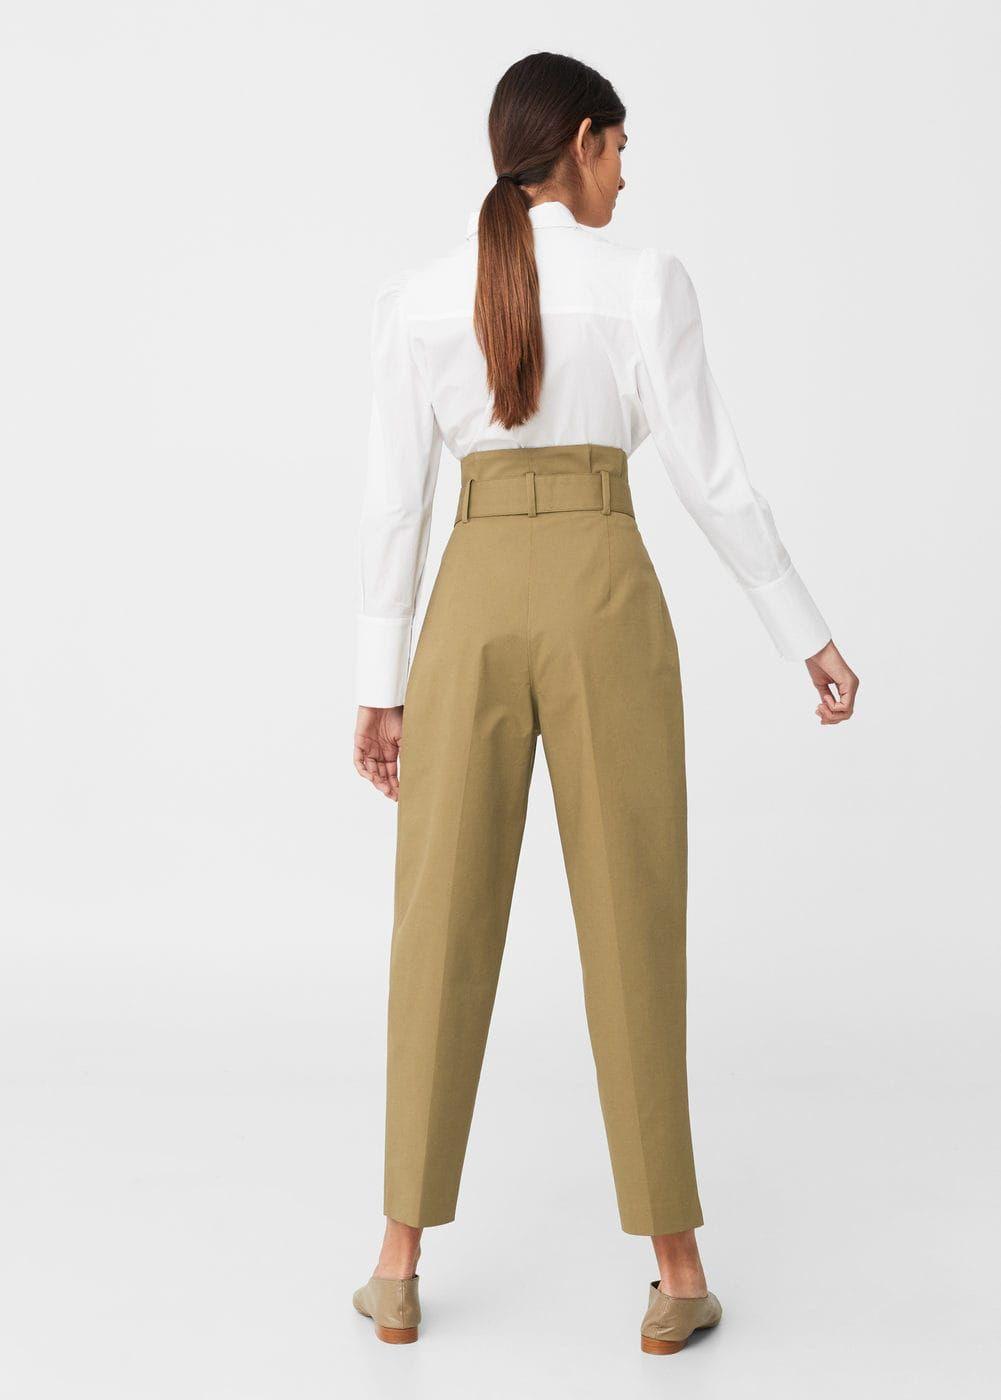 8e6b6c4b8cbc Pantalon taille haute   MANGO   Dressing S   Pinterest